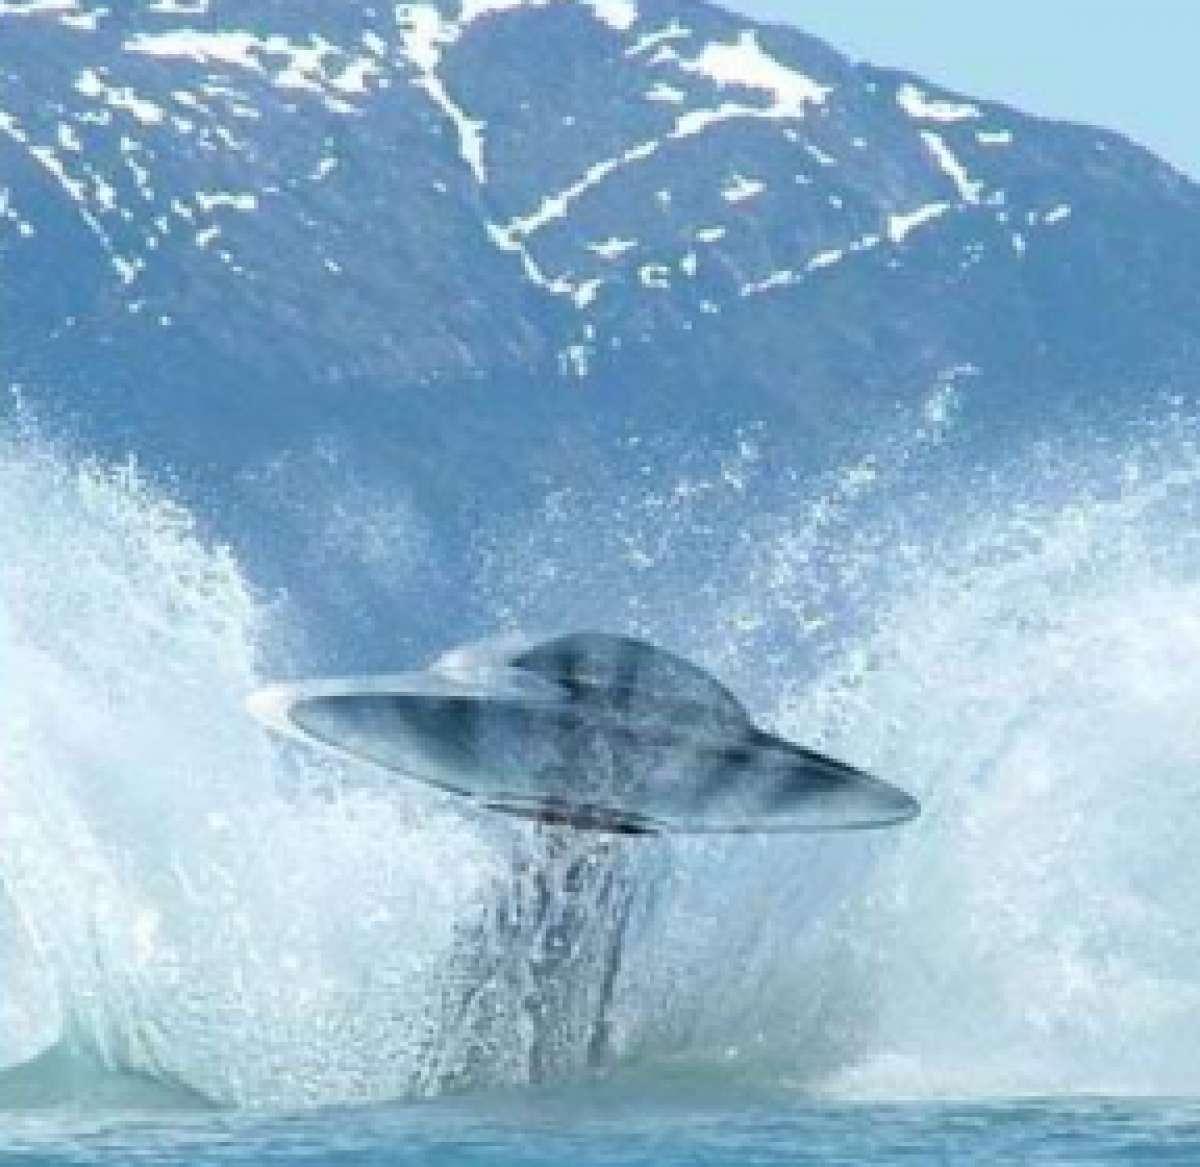 «Летающая тарелка» появилась в Японском море и покорила интернет